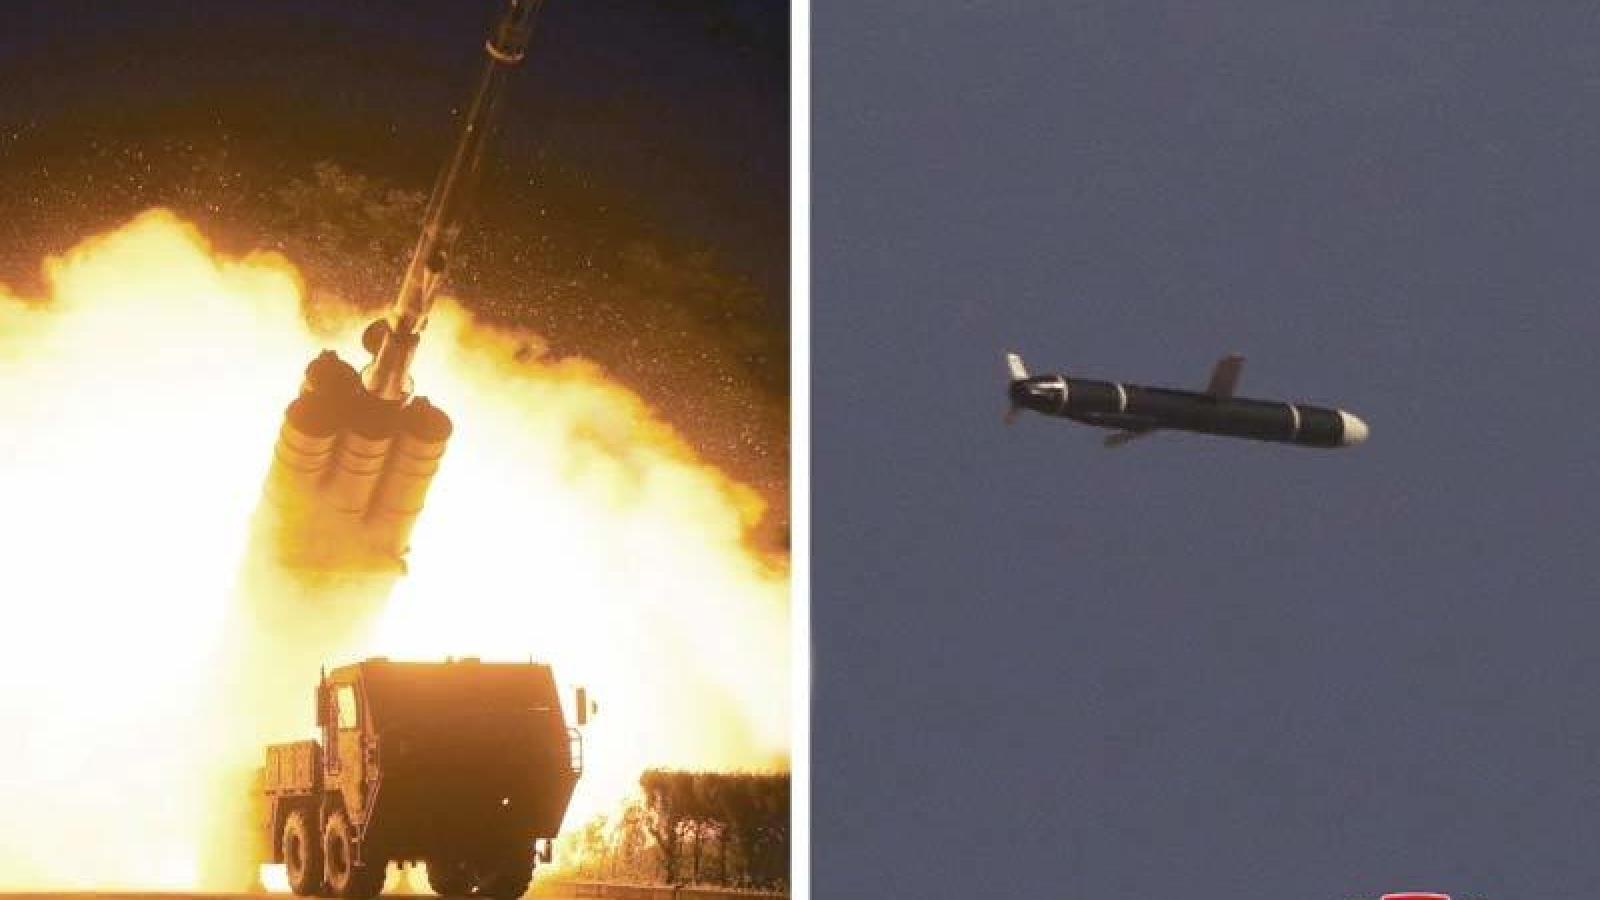 Mỹ vẫn sẵn sàng can dự với Triều Tiên sau khi Bình Nhưỡng thử tên lửa tầm xa